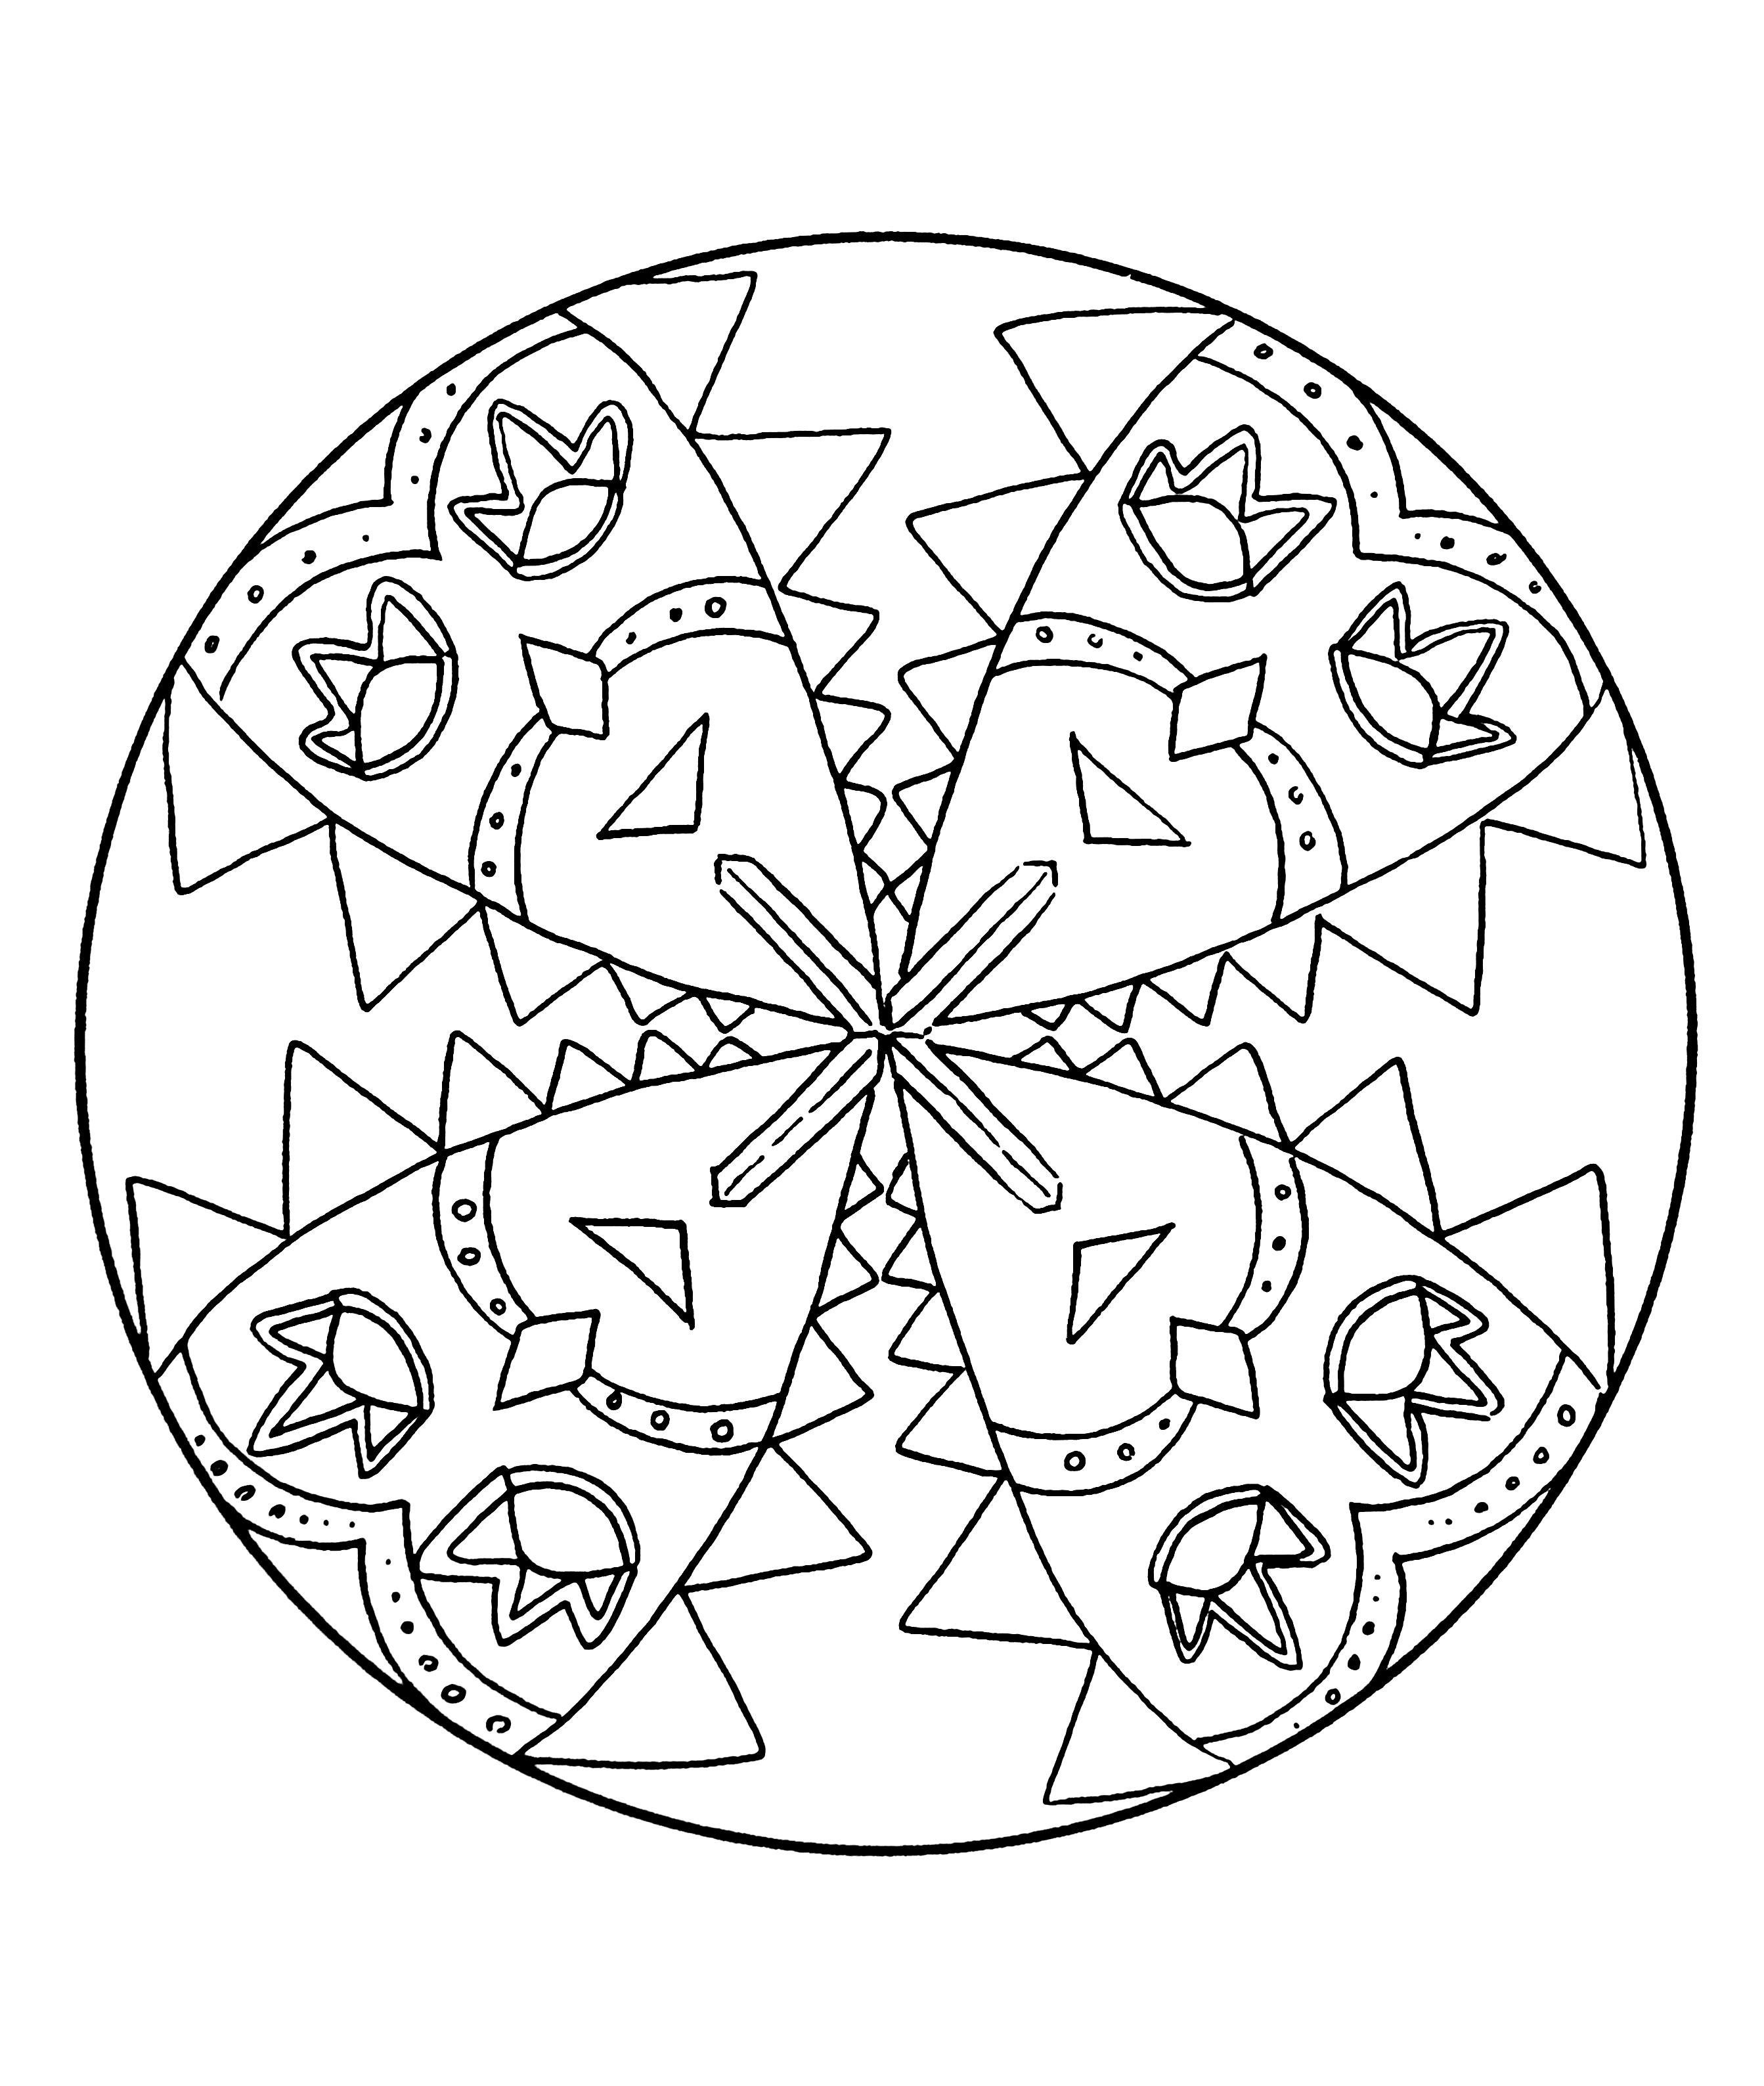 Dsc 5074 coloriage mandalas coloriages pour enfants - Coloriage mandala enfants ...